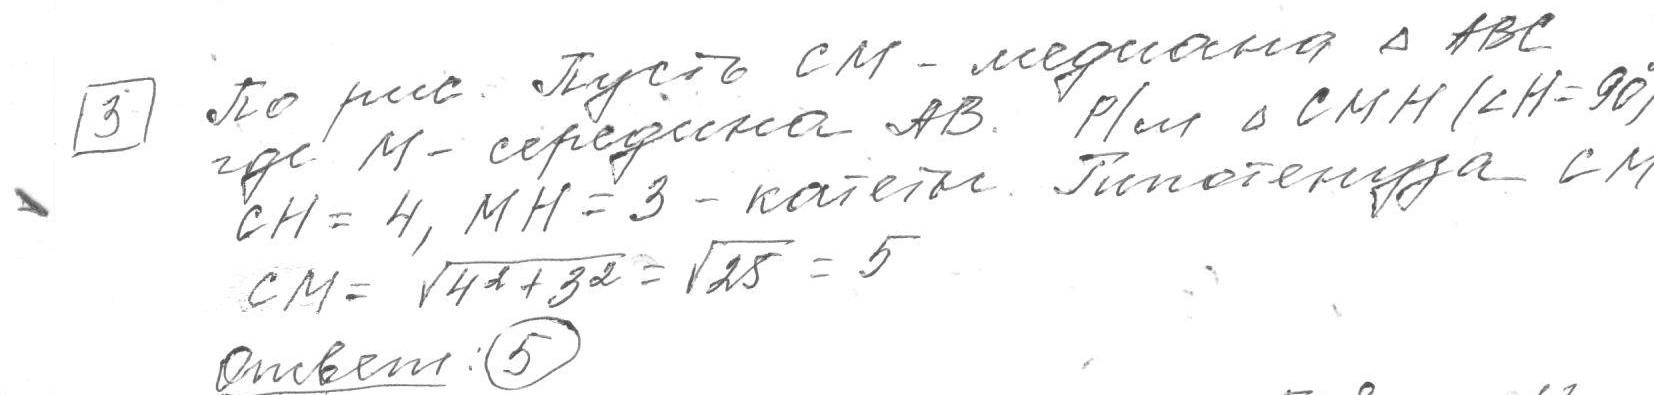 Задние 3, Вариант 1, решение и ответ - Прокофьев, ЕГЭ 2019 математика профиль 25 вариантов (Просвещение)